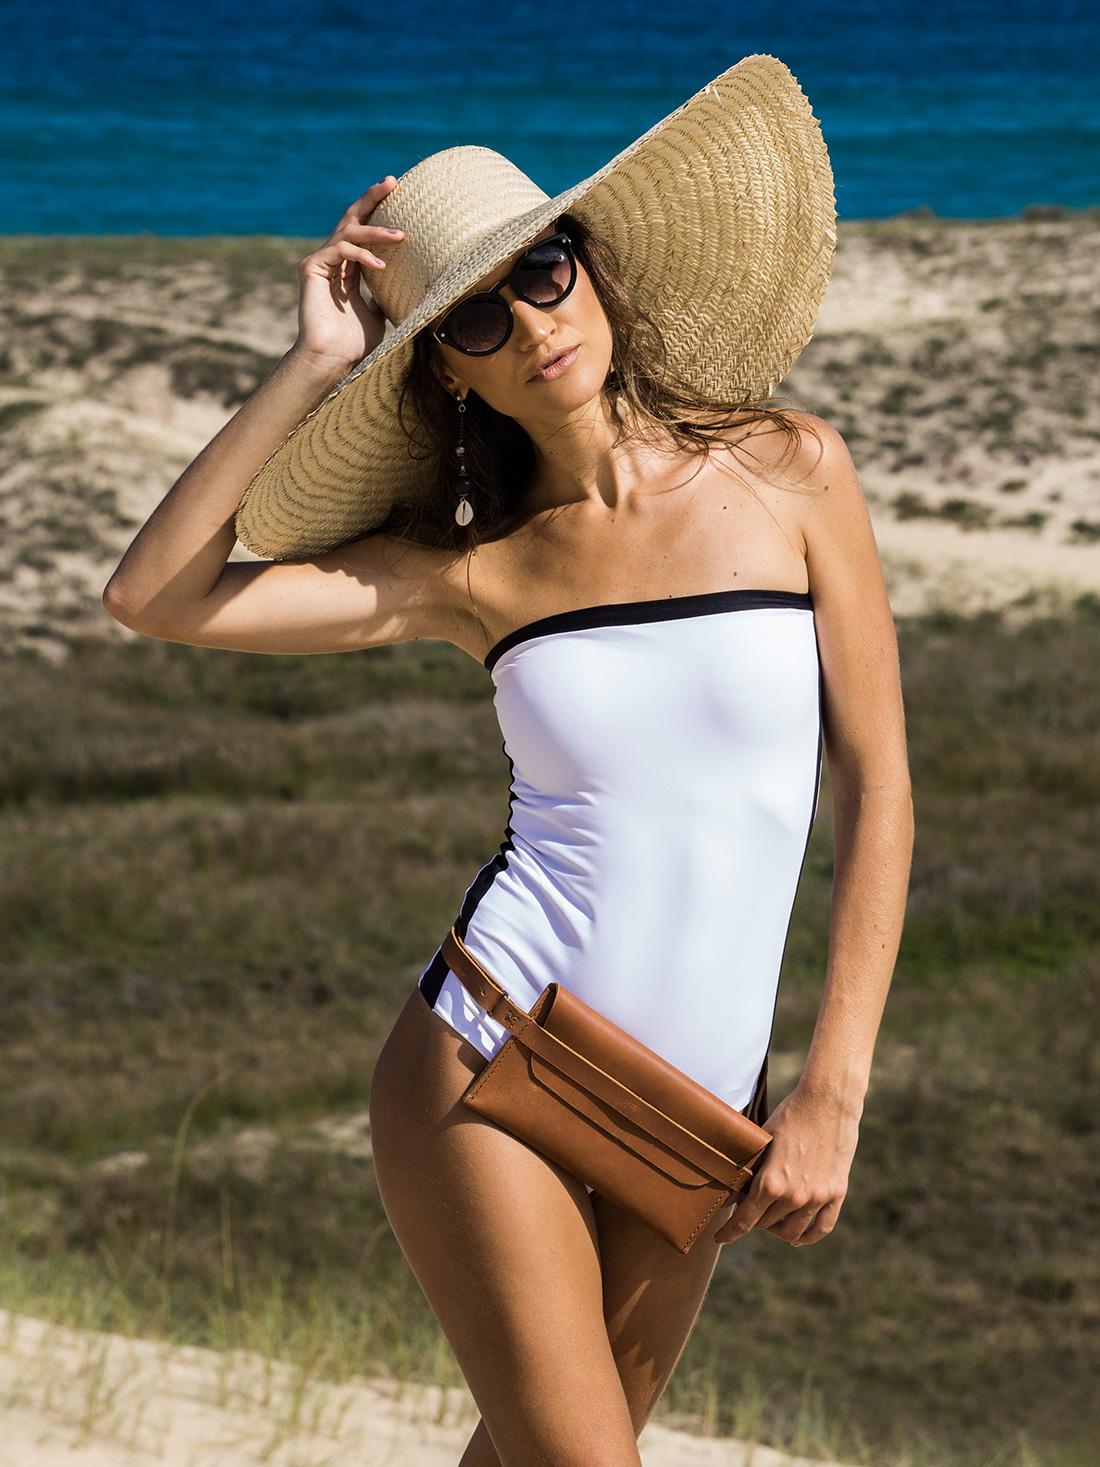 Pochette Pala Slim em couro Caramelo em um look praia.